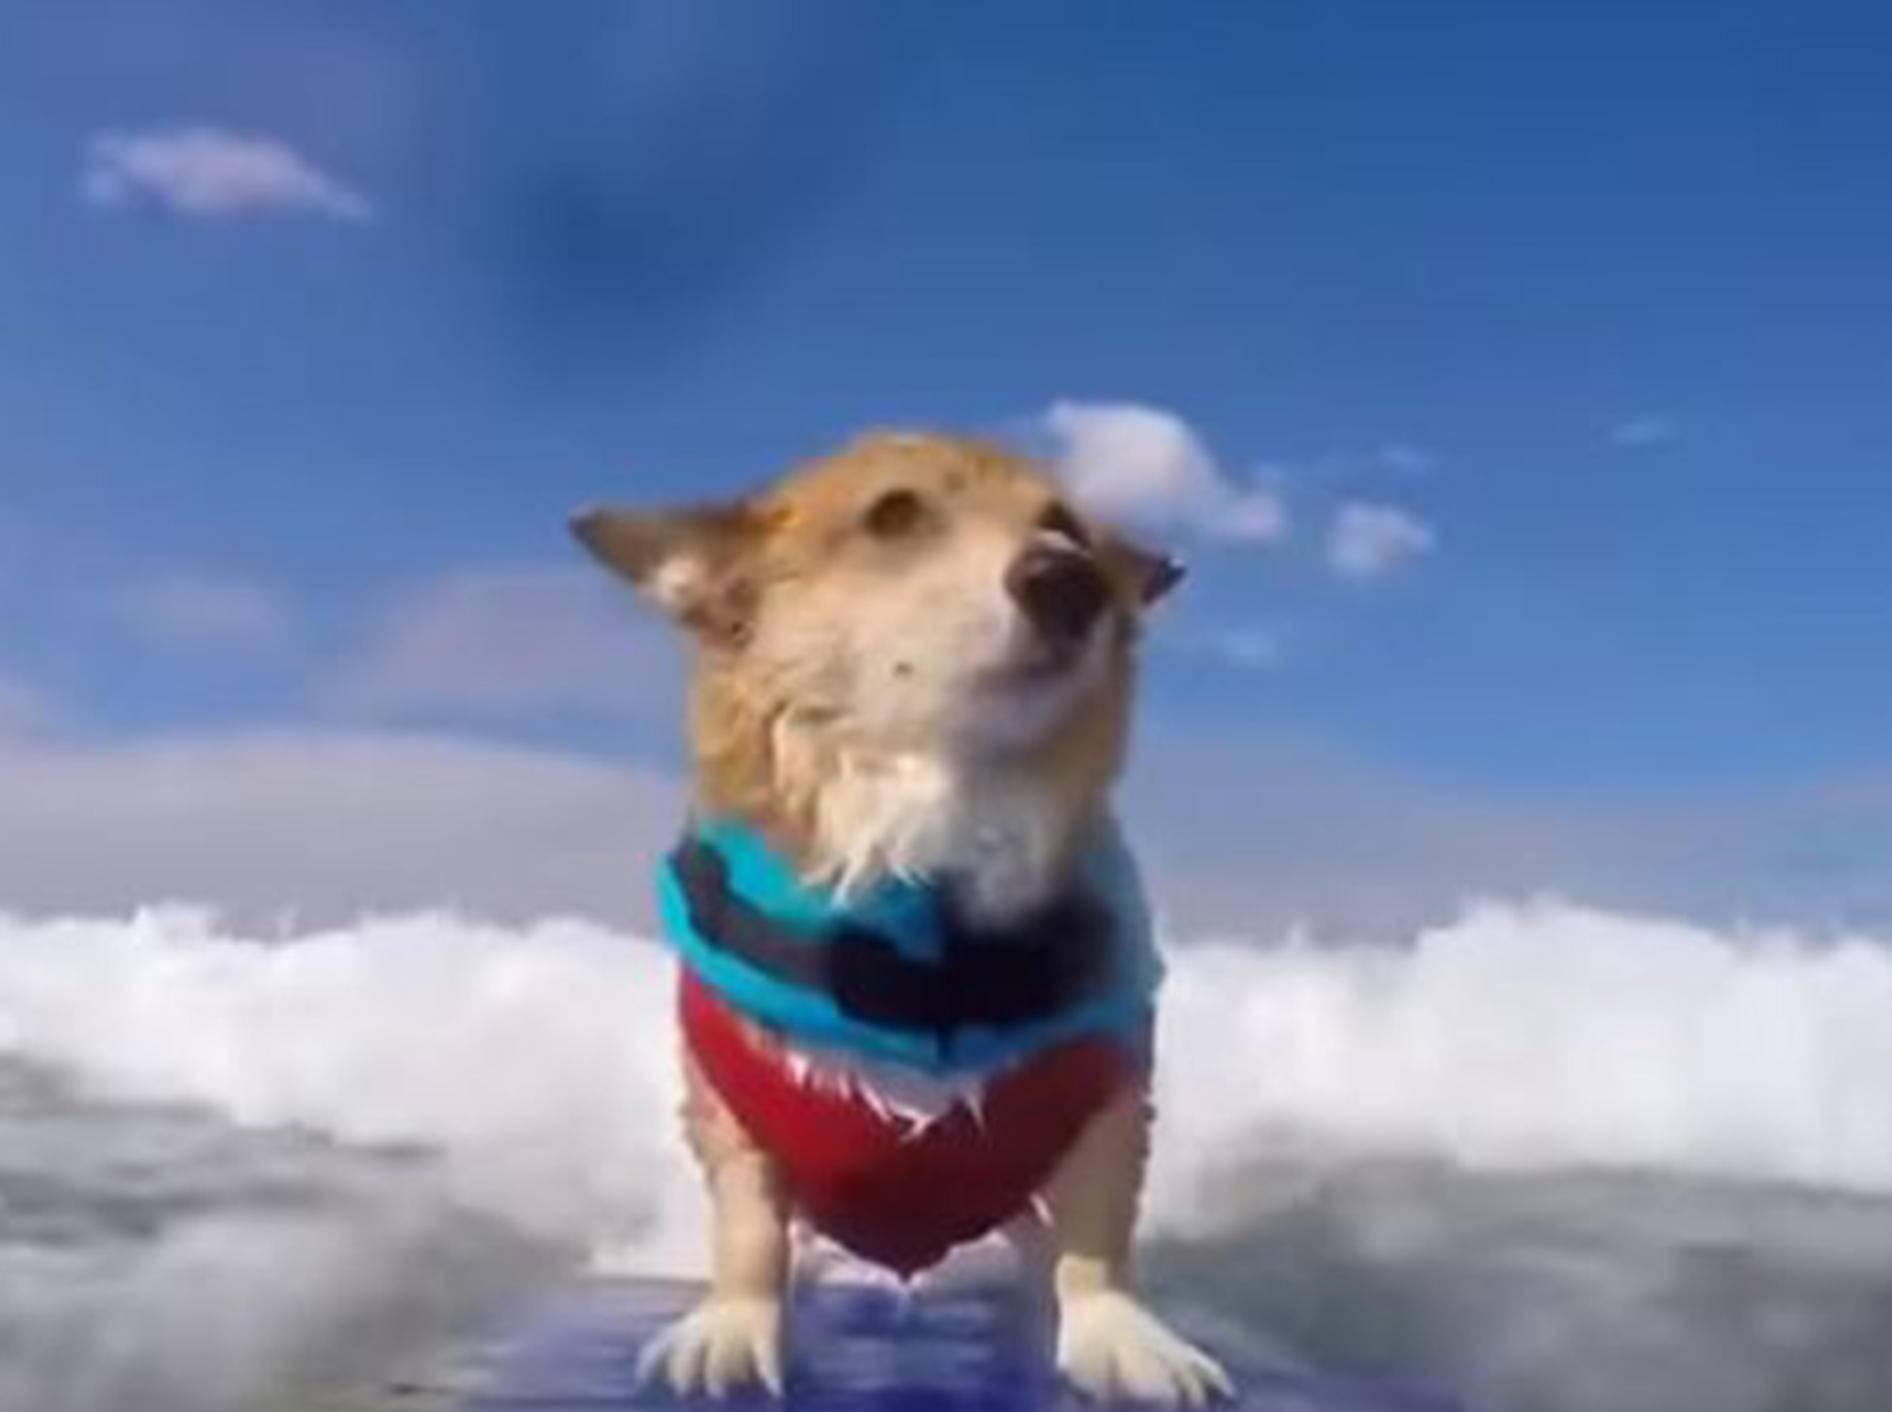 Auf dem Surfbrett macht Corgi Jojo so schnell keiner etwas vor - Bild: YouTube / Super Corgi Jojo